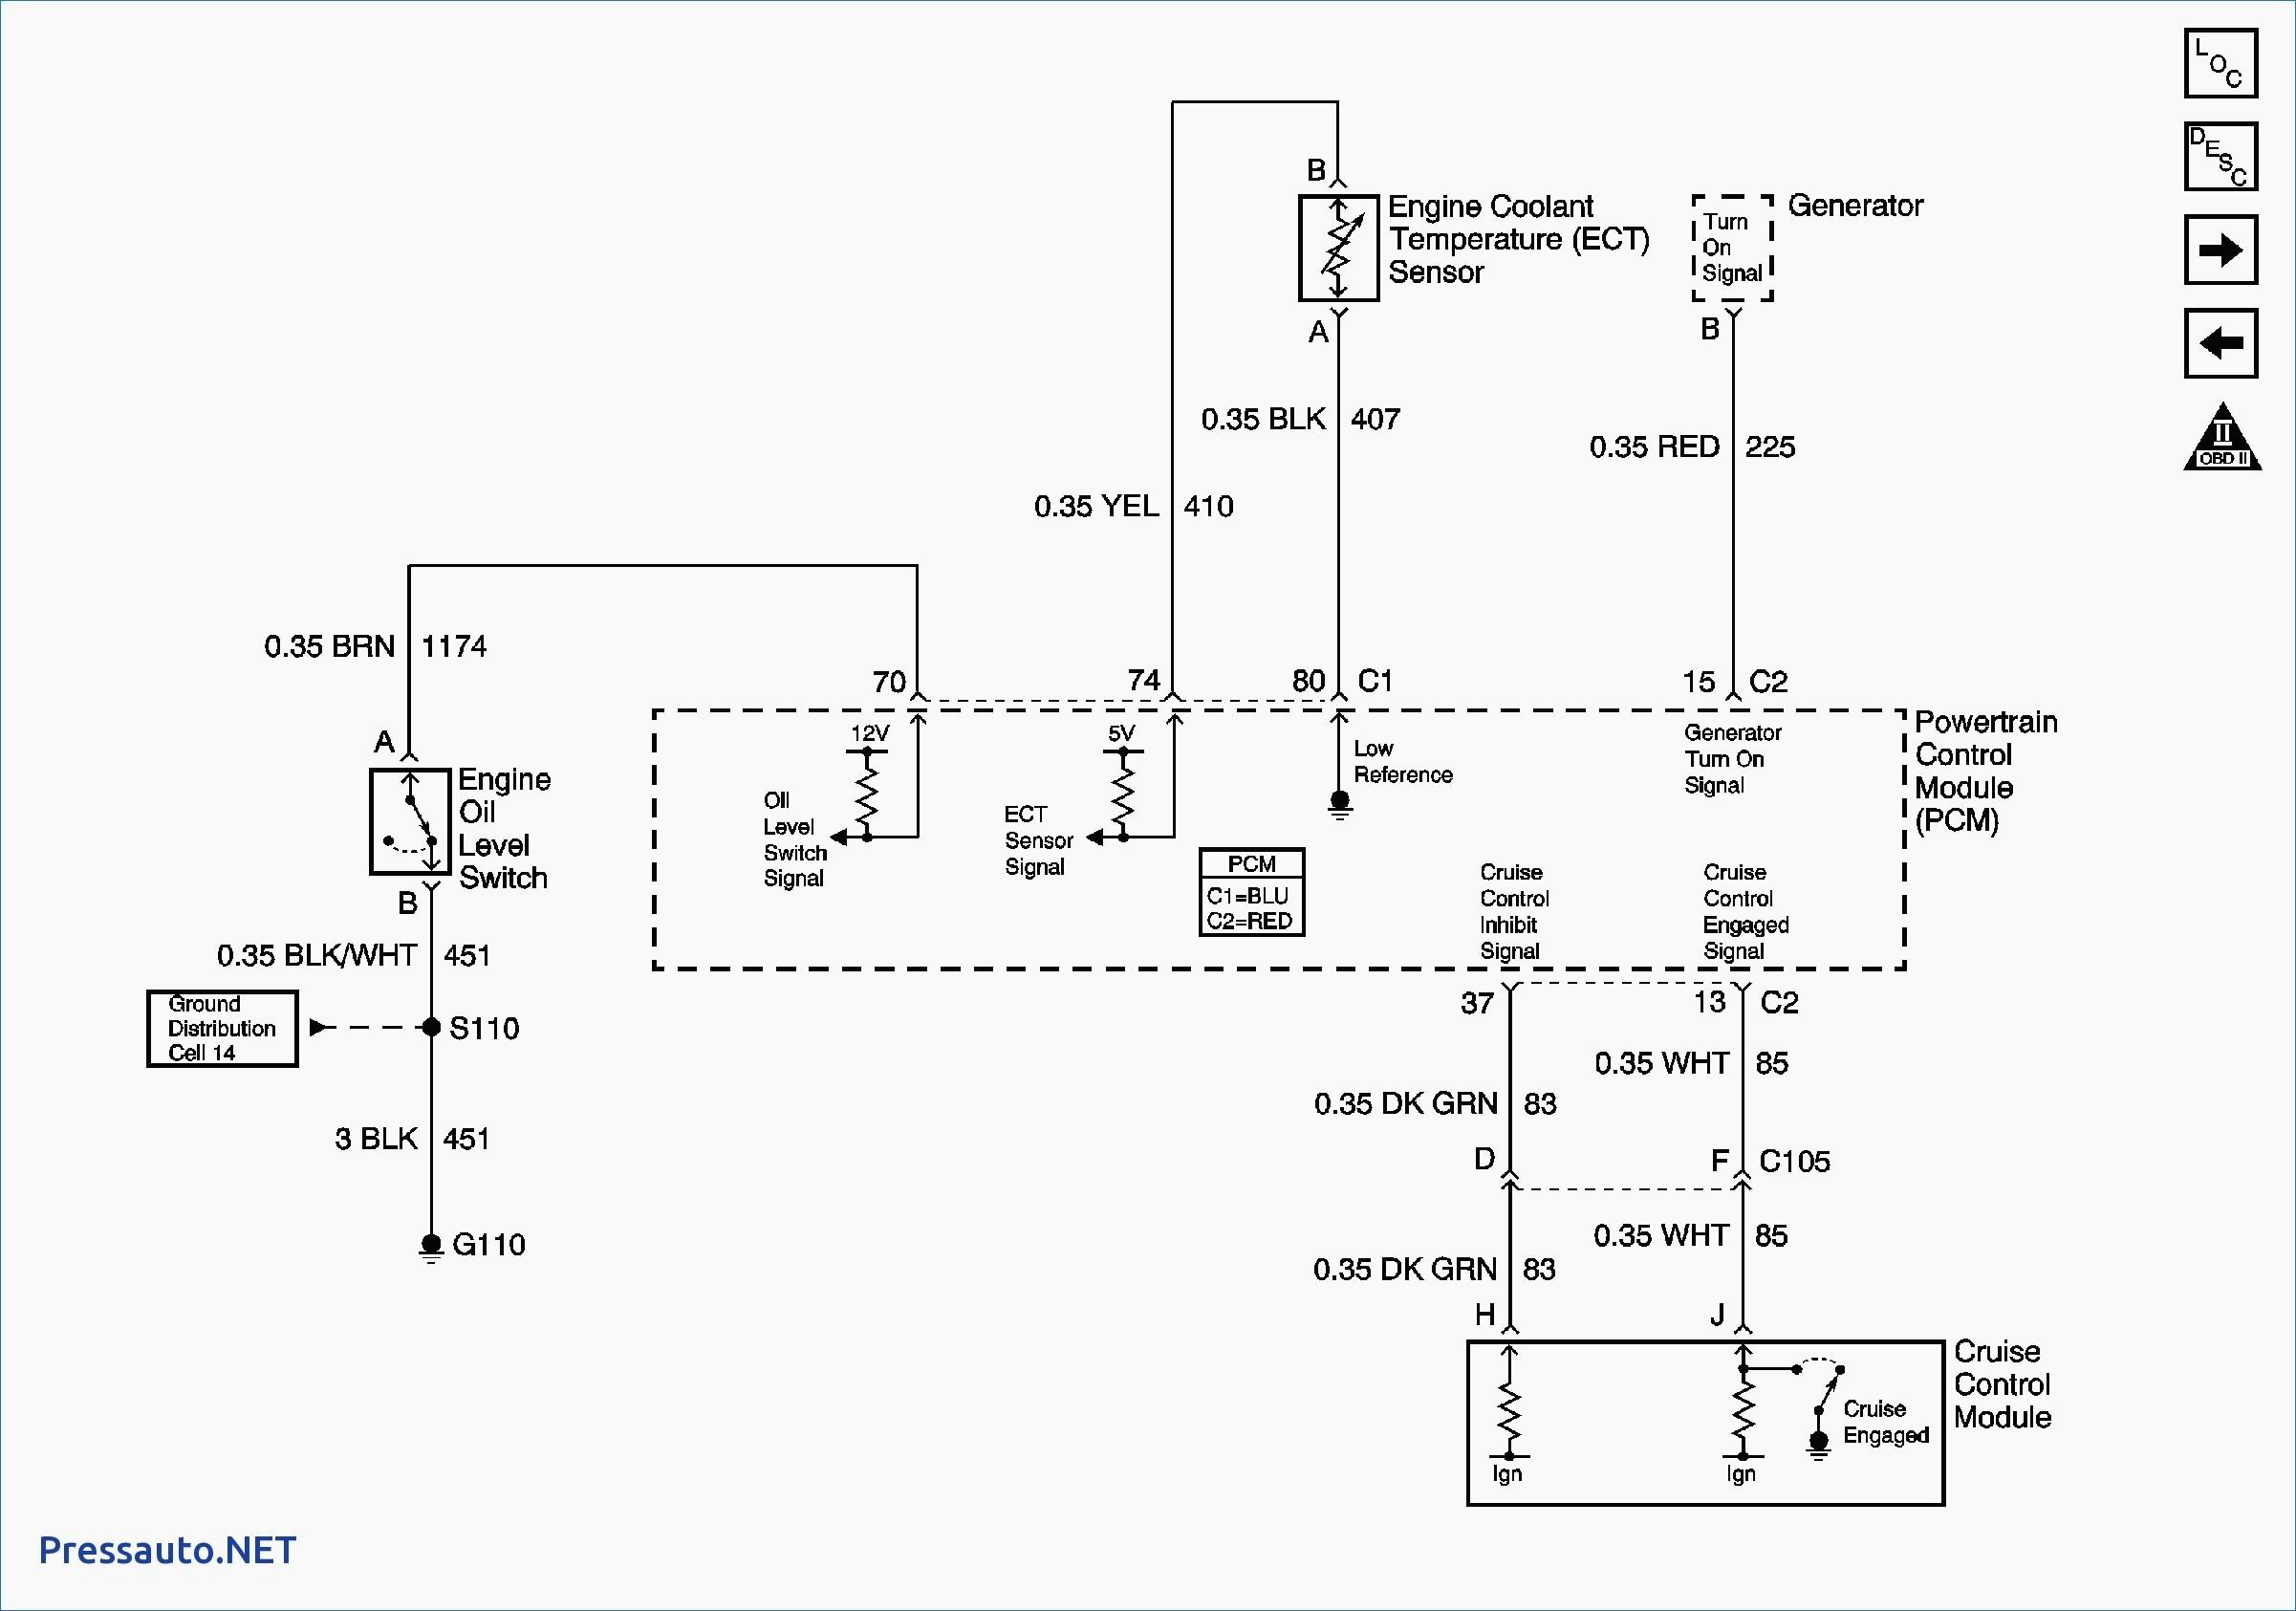 square d air compressor pressure switch wiring diagram Collection-Wiring Diagram For Air pressor Pressure Switch Inspirationa Square D Air Pressor Pressure Switch Wiring Diagram 11-l